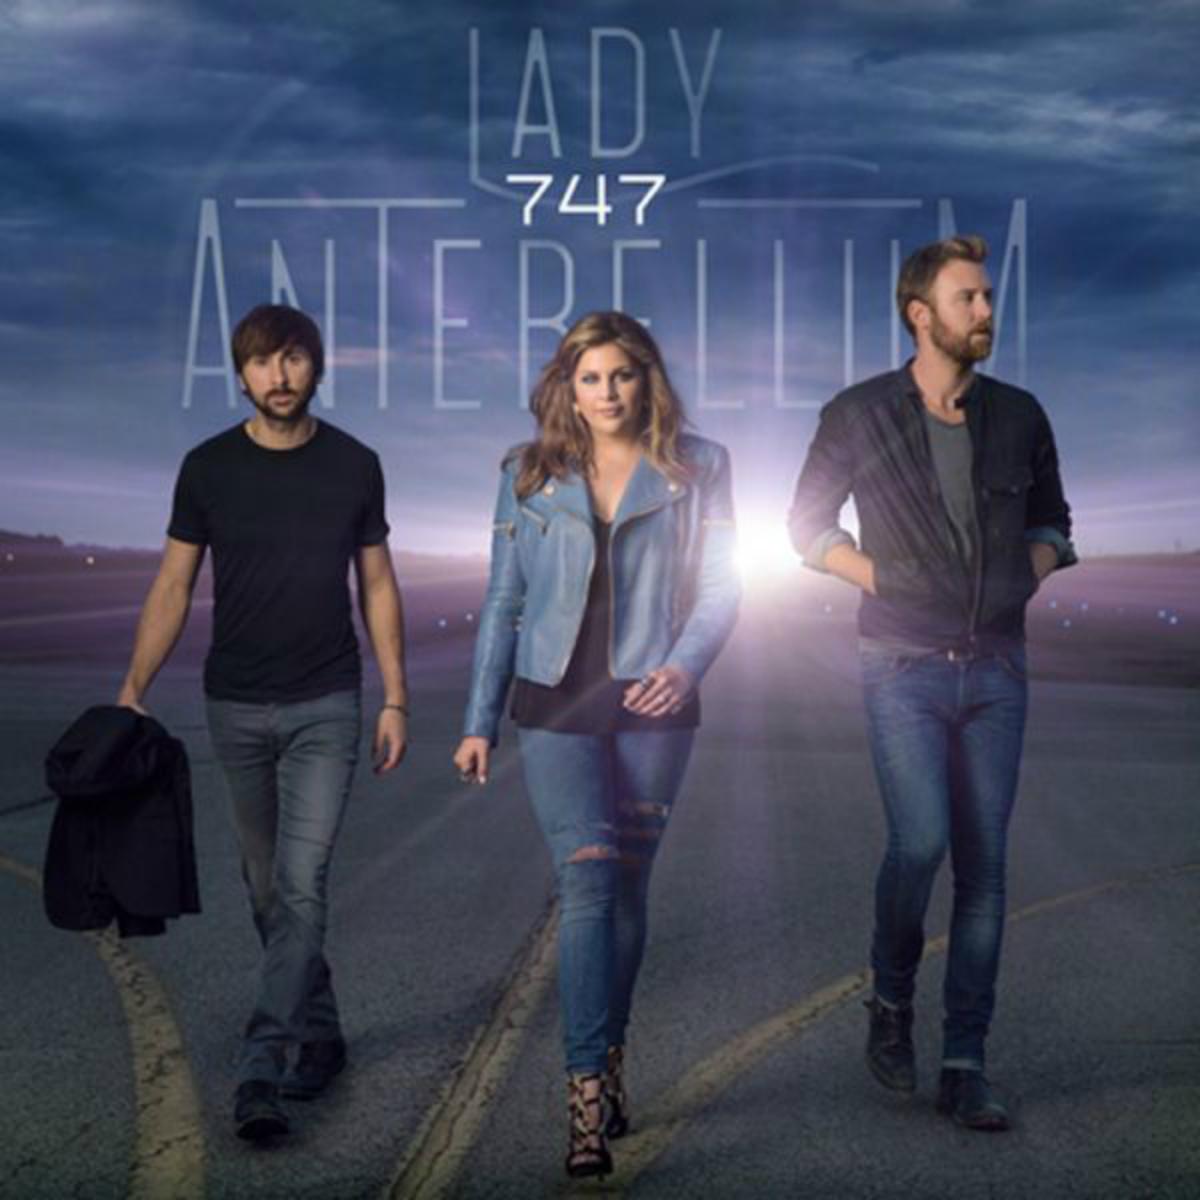 Lady Antebellum 747 CD